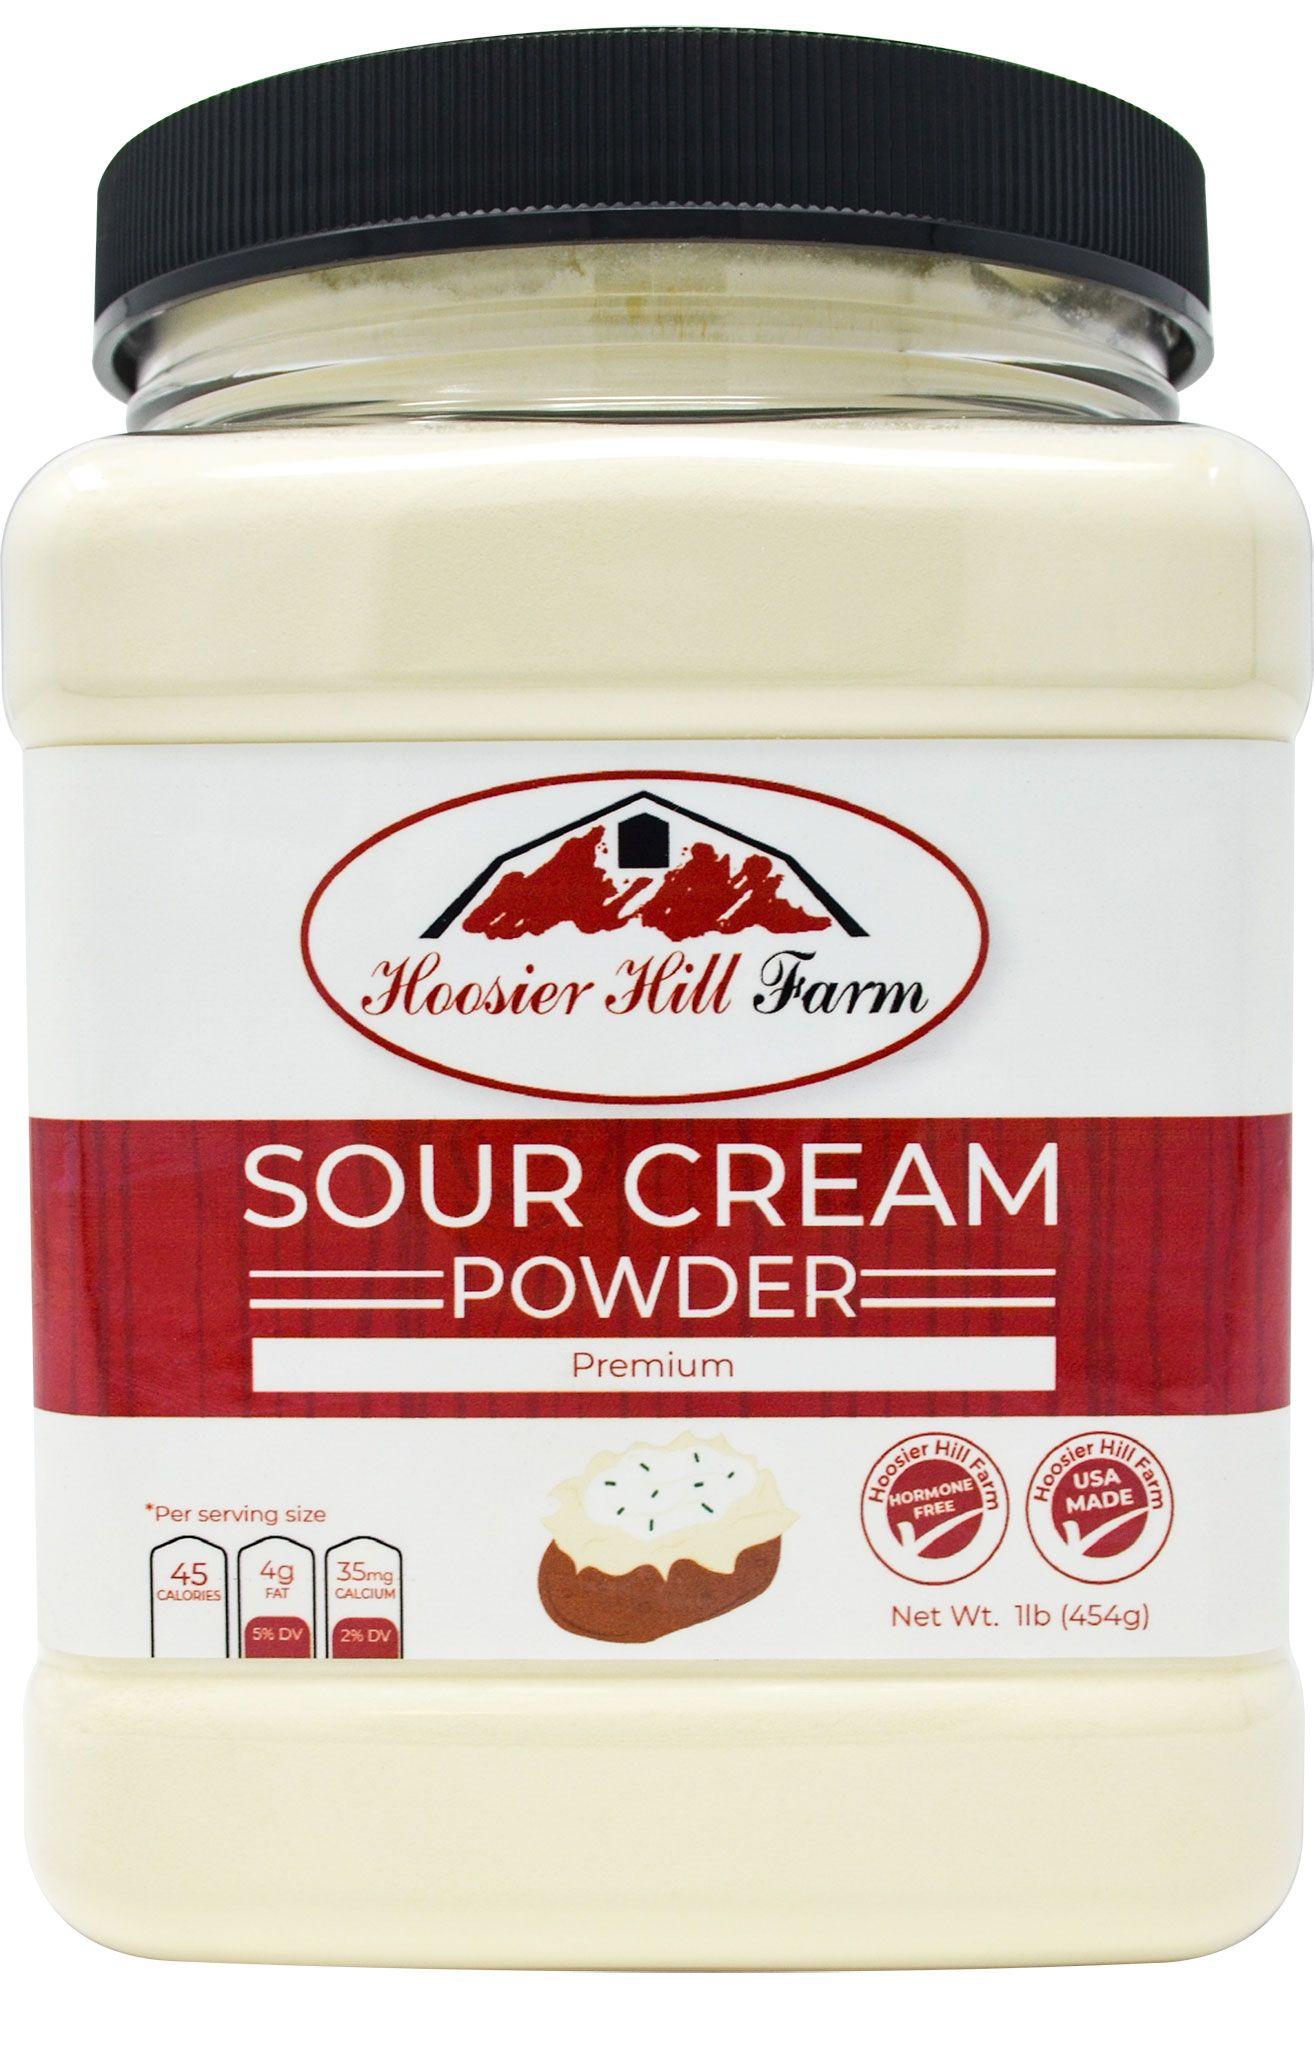 Hoosier hill farm sour cream powder 1 lb in 2020 sour